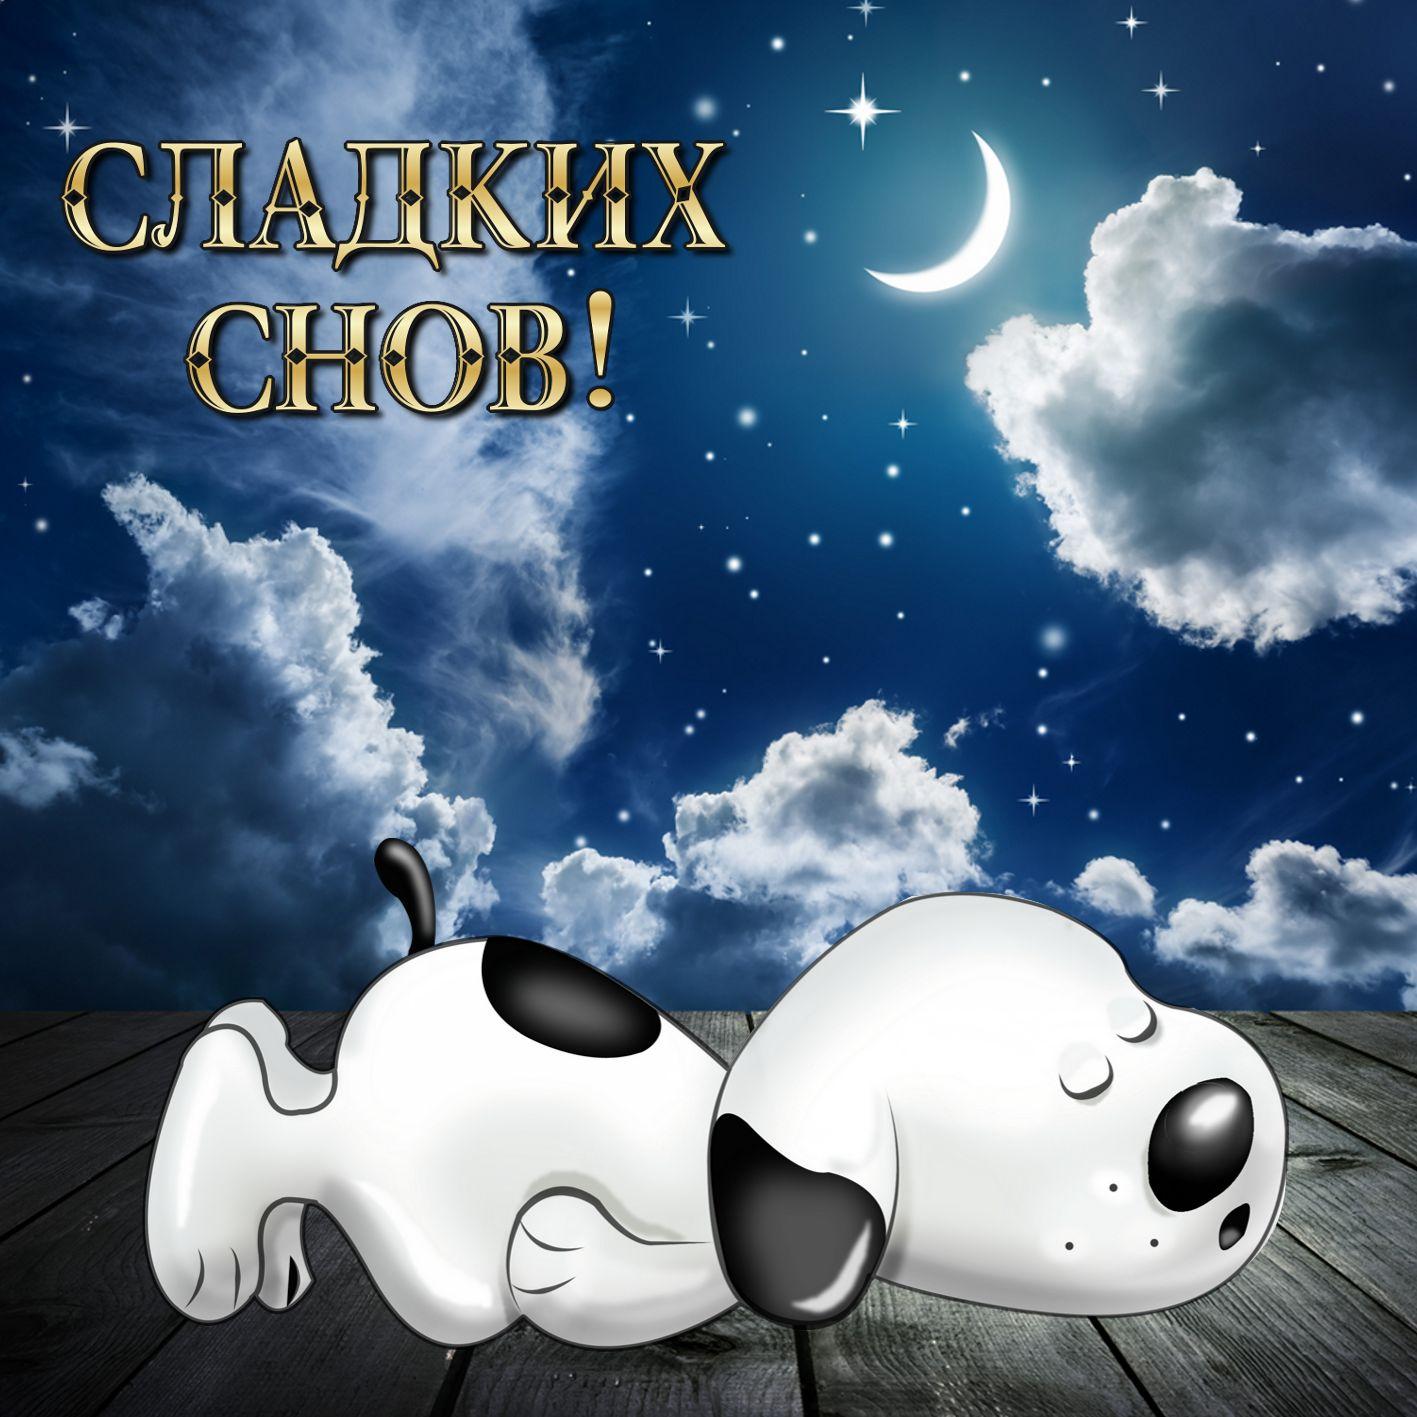 Открытка спокойной ночи - спящий пёсик в красивом оформлении